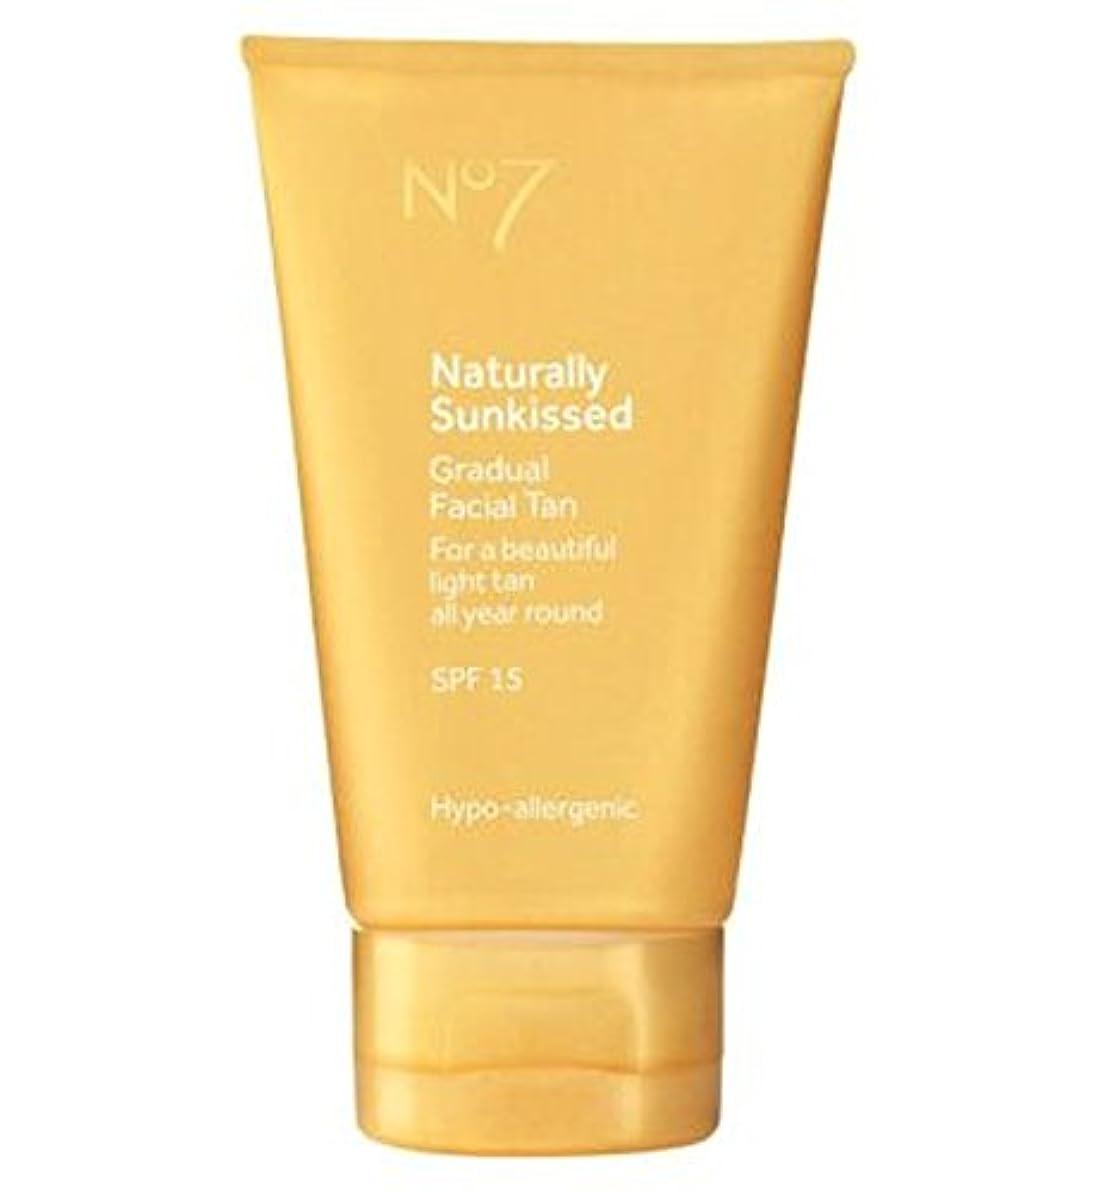 干渉する怖がって死ぬ辛いNo7は自然に太陽が緩やかな顔日焼けSp15にキスをしました (No7) (x2) - No7 Naturally Sun Kissed Gradual Face Tan SP15 (Pack of 2) [並行輸入品]